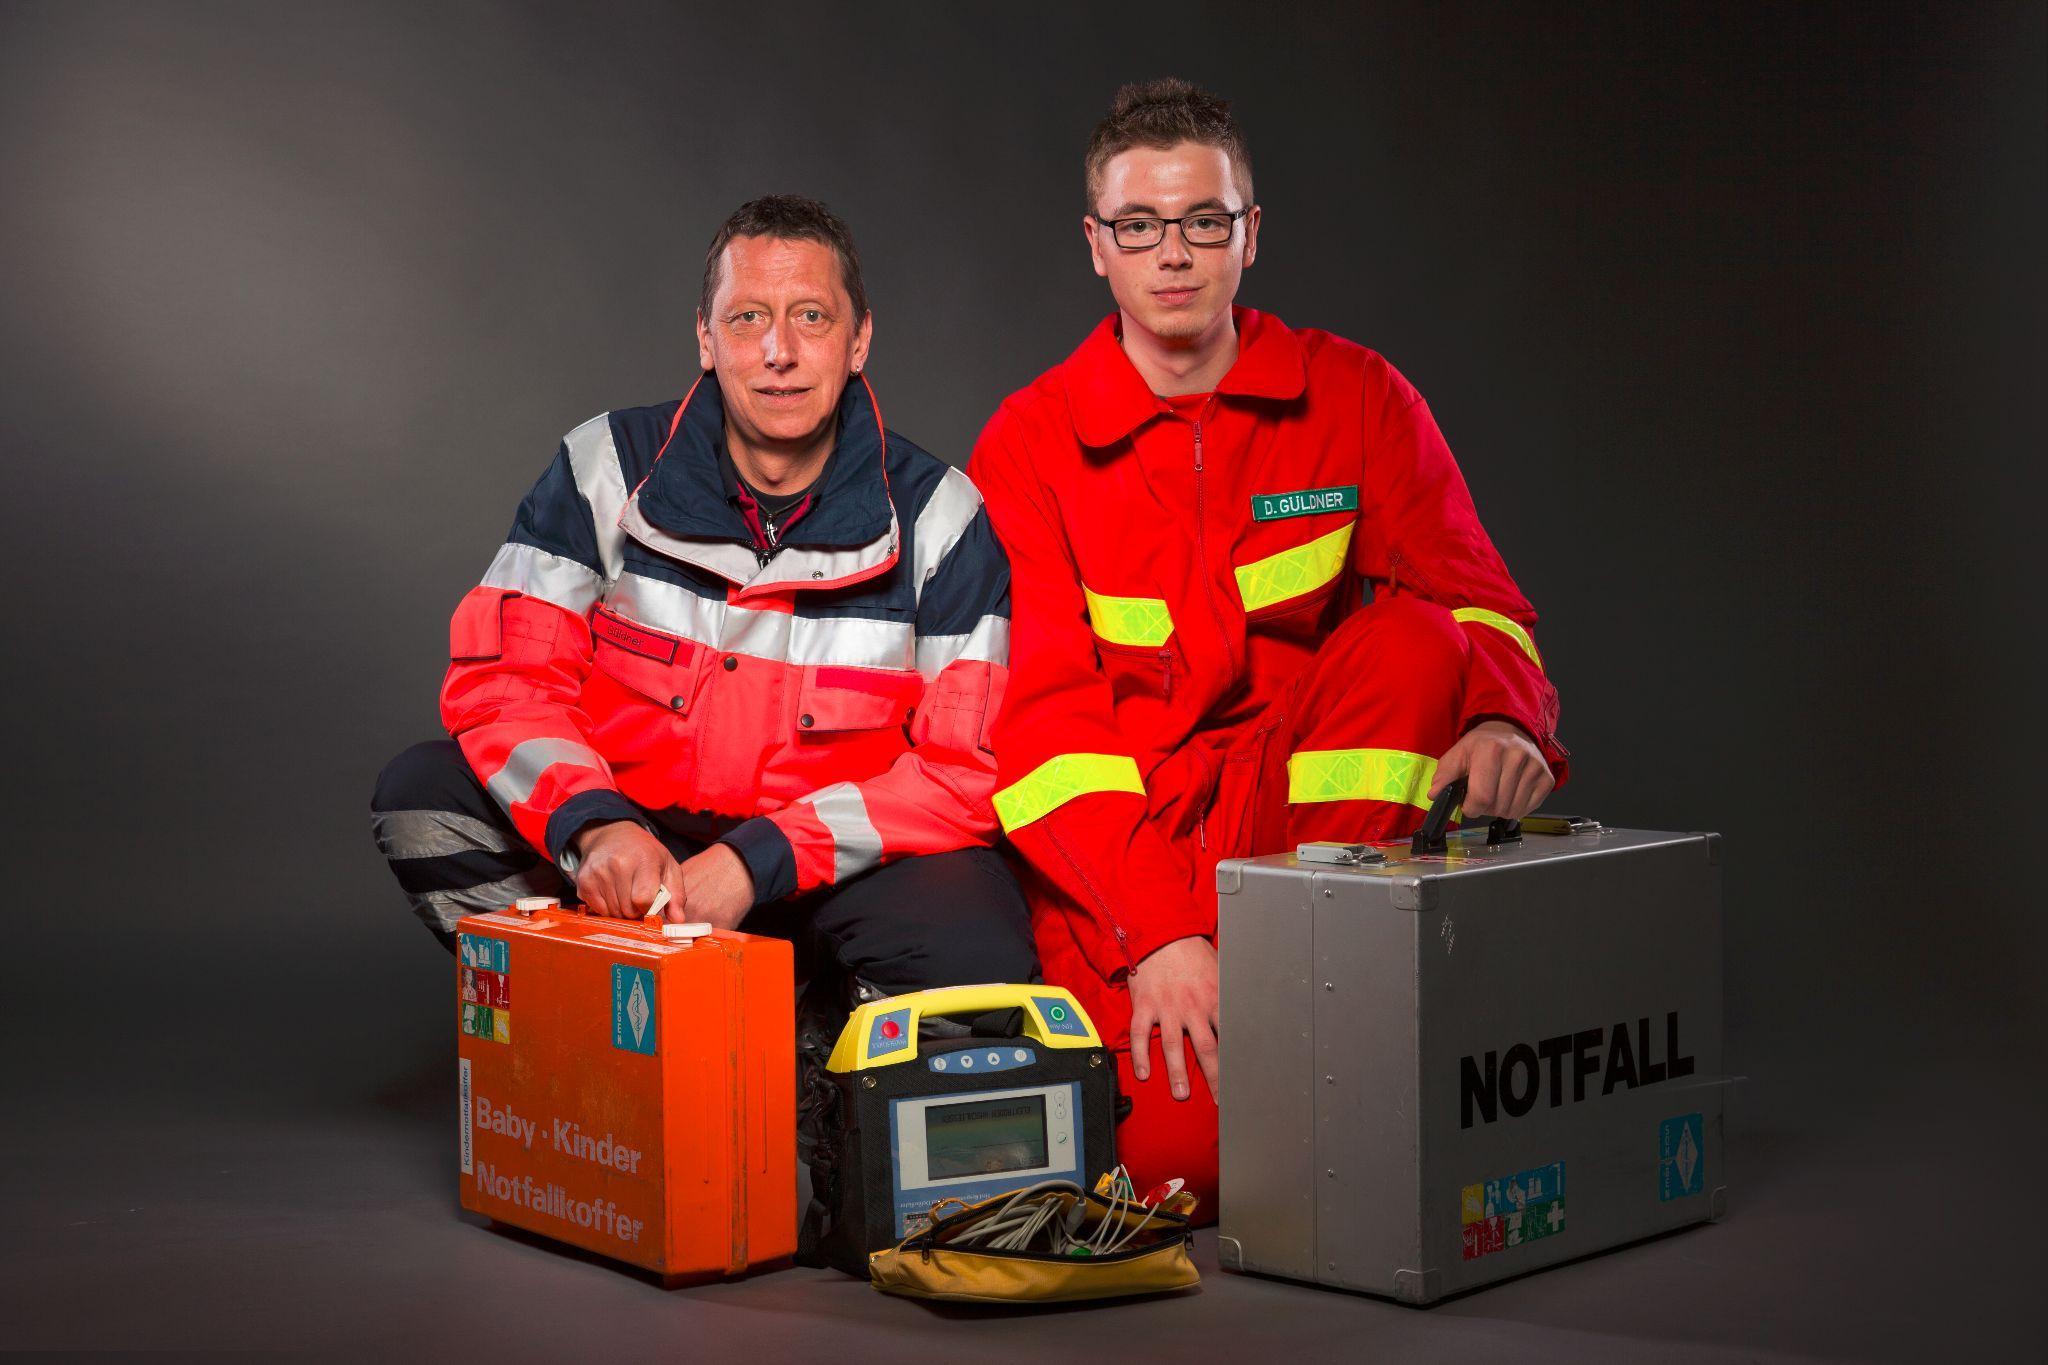 Auszug der Ausrüstung für First Responder- und Rettungsdiensteinsätze